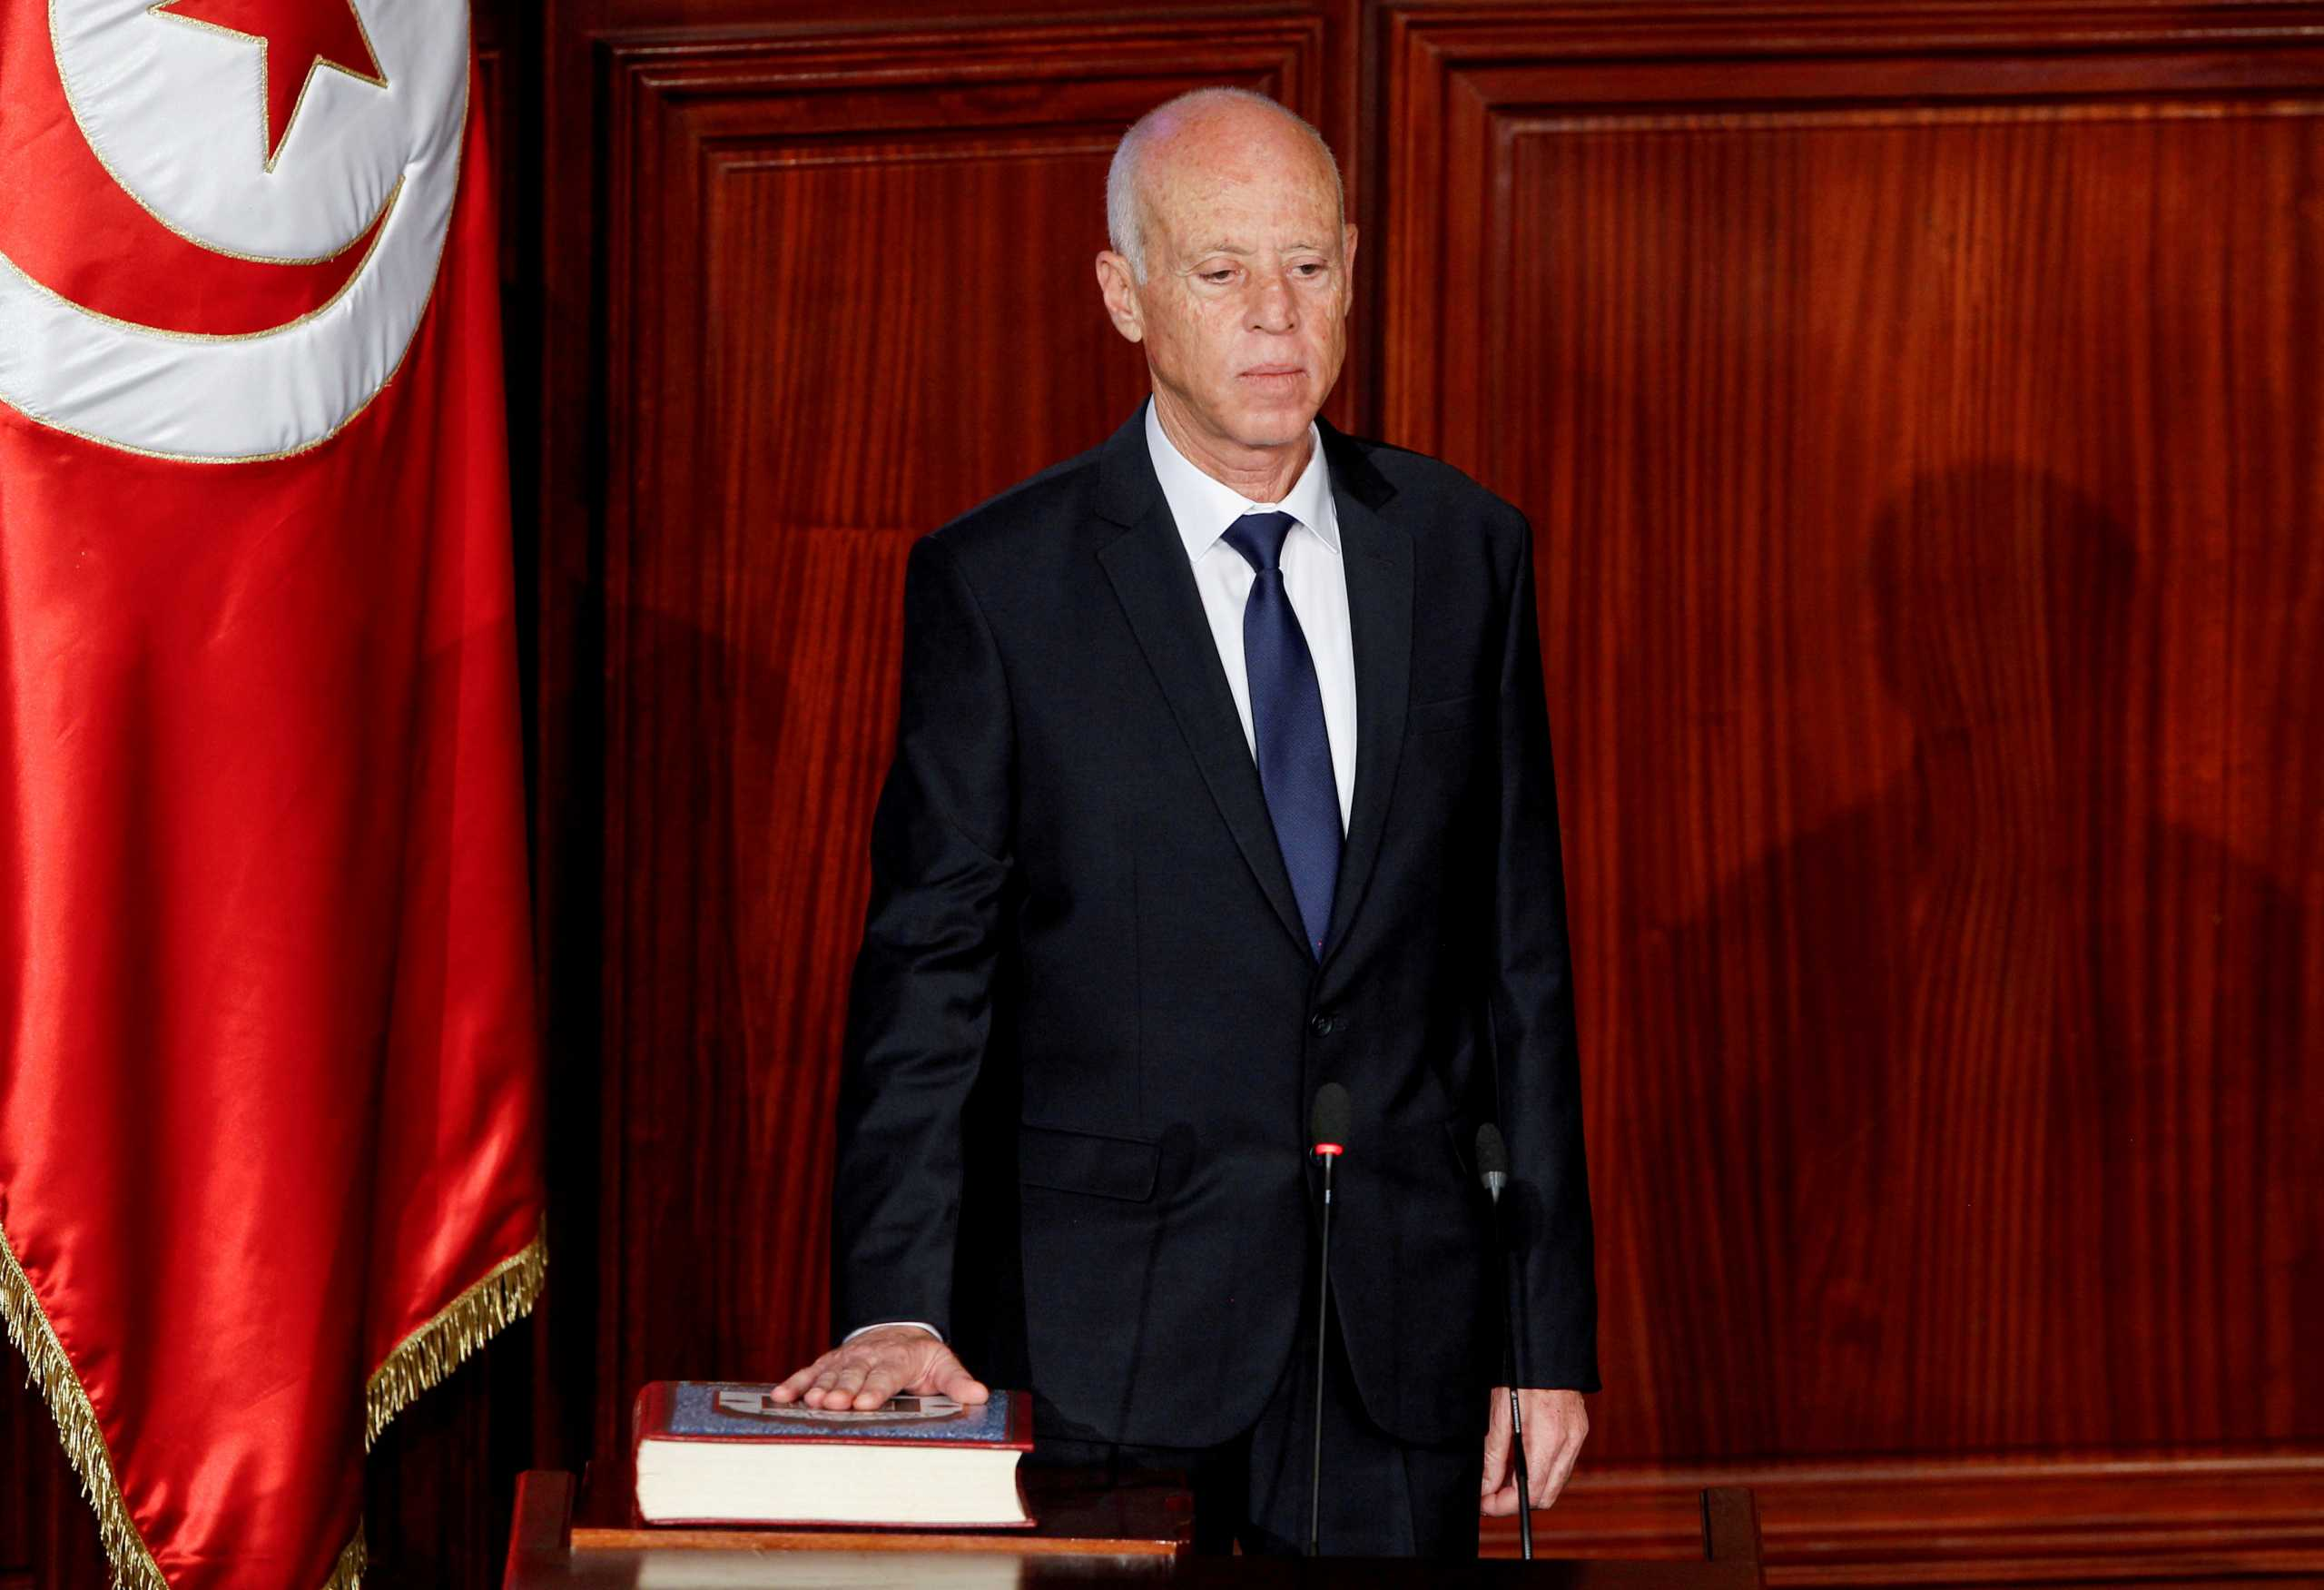 ΗΠΑ σε πρόεδρο Σάγεντ: Επανέφερε άμεσα στον «δημοκρατικό δρόμο» την Τυνησία